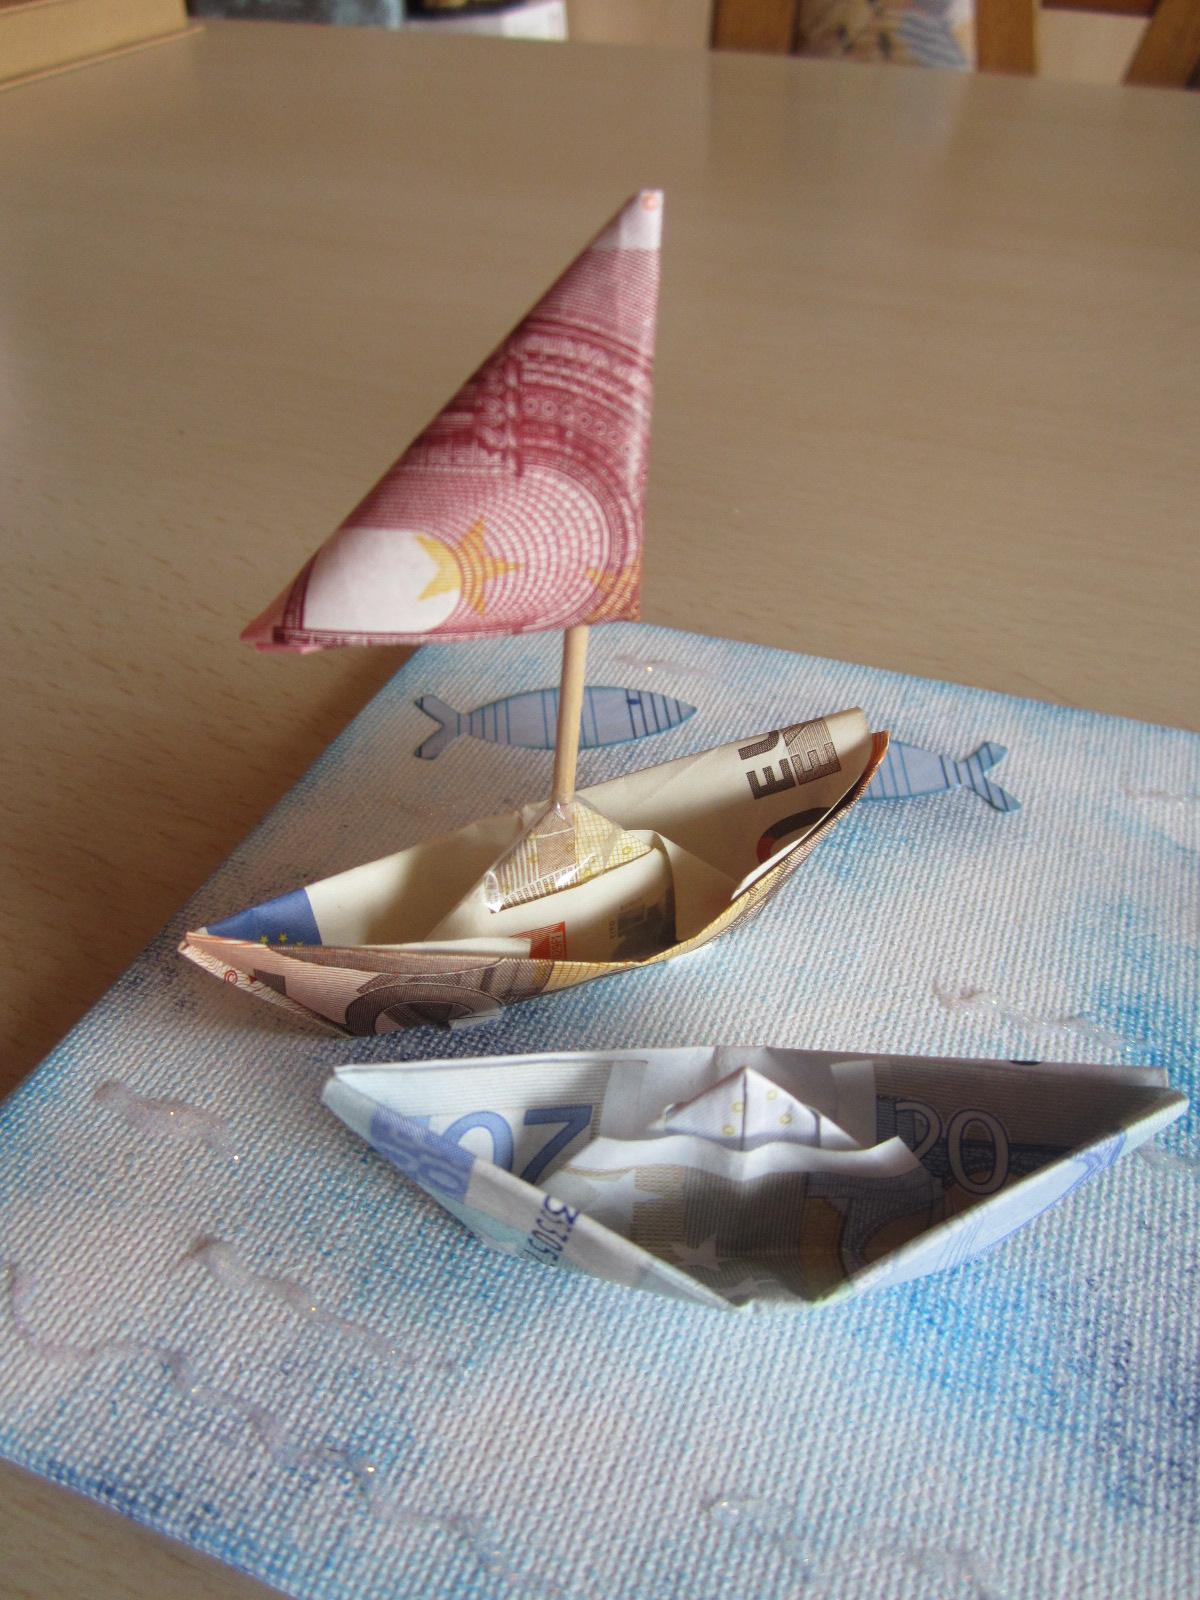 Diamantin S Hobbywelt Geldgeschenk Schiffsreise